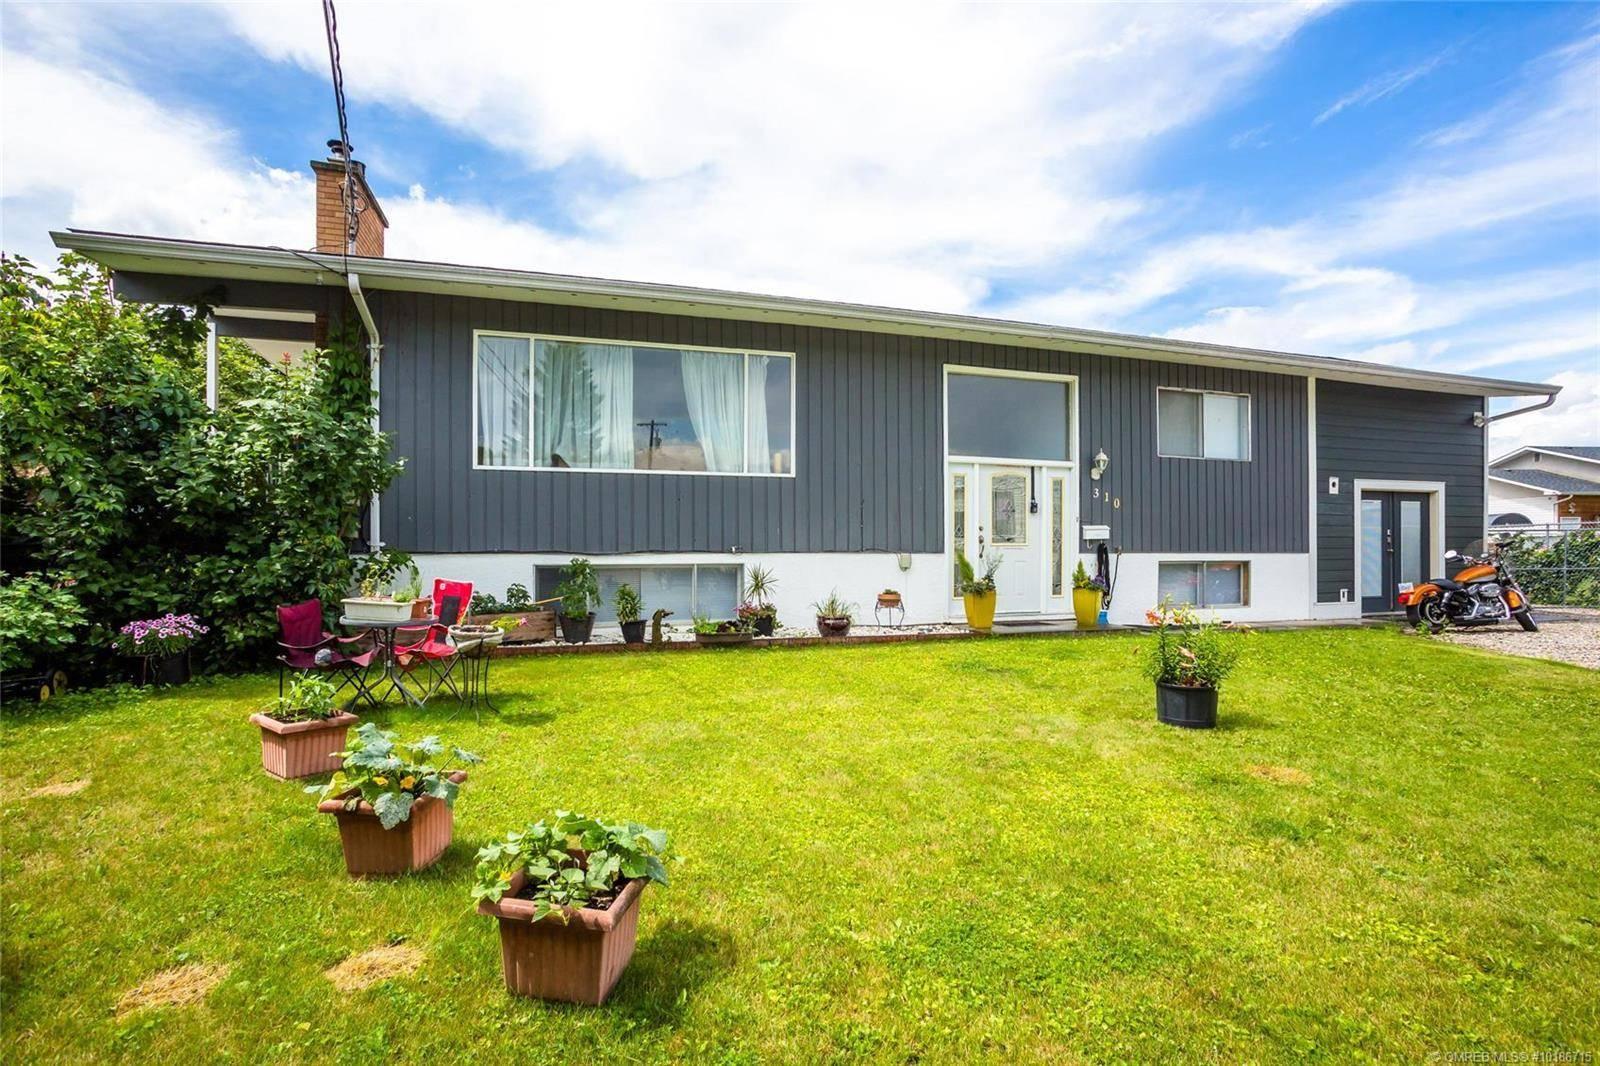 House for sale at 310 Mara Rd Kelowna British Columbia - MLS: 10186715